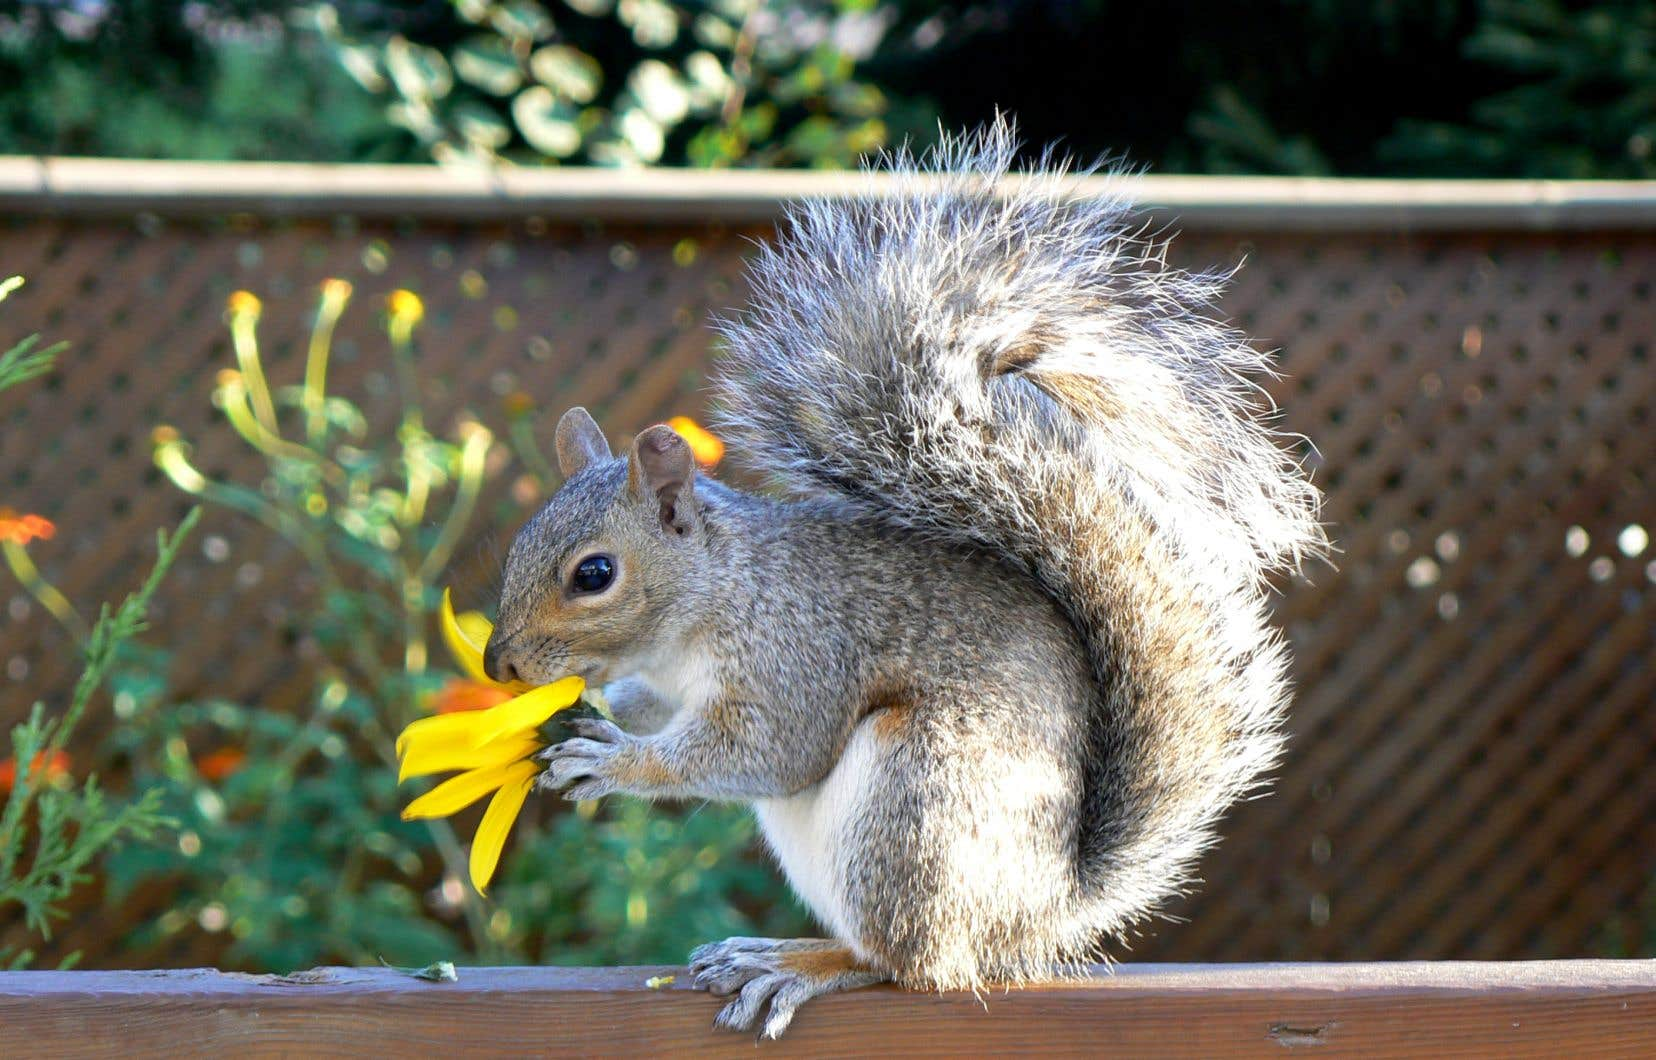 Si vous vivez en ville, la cohabitation avec les écureuils est incontournable. Ils sont si nombreux que, même si vous les mettez en cage et les déplacez, ils seront vite remplacés par d'autres.